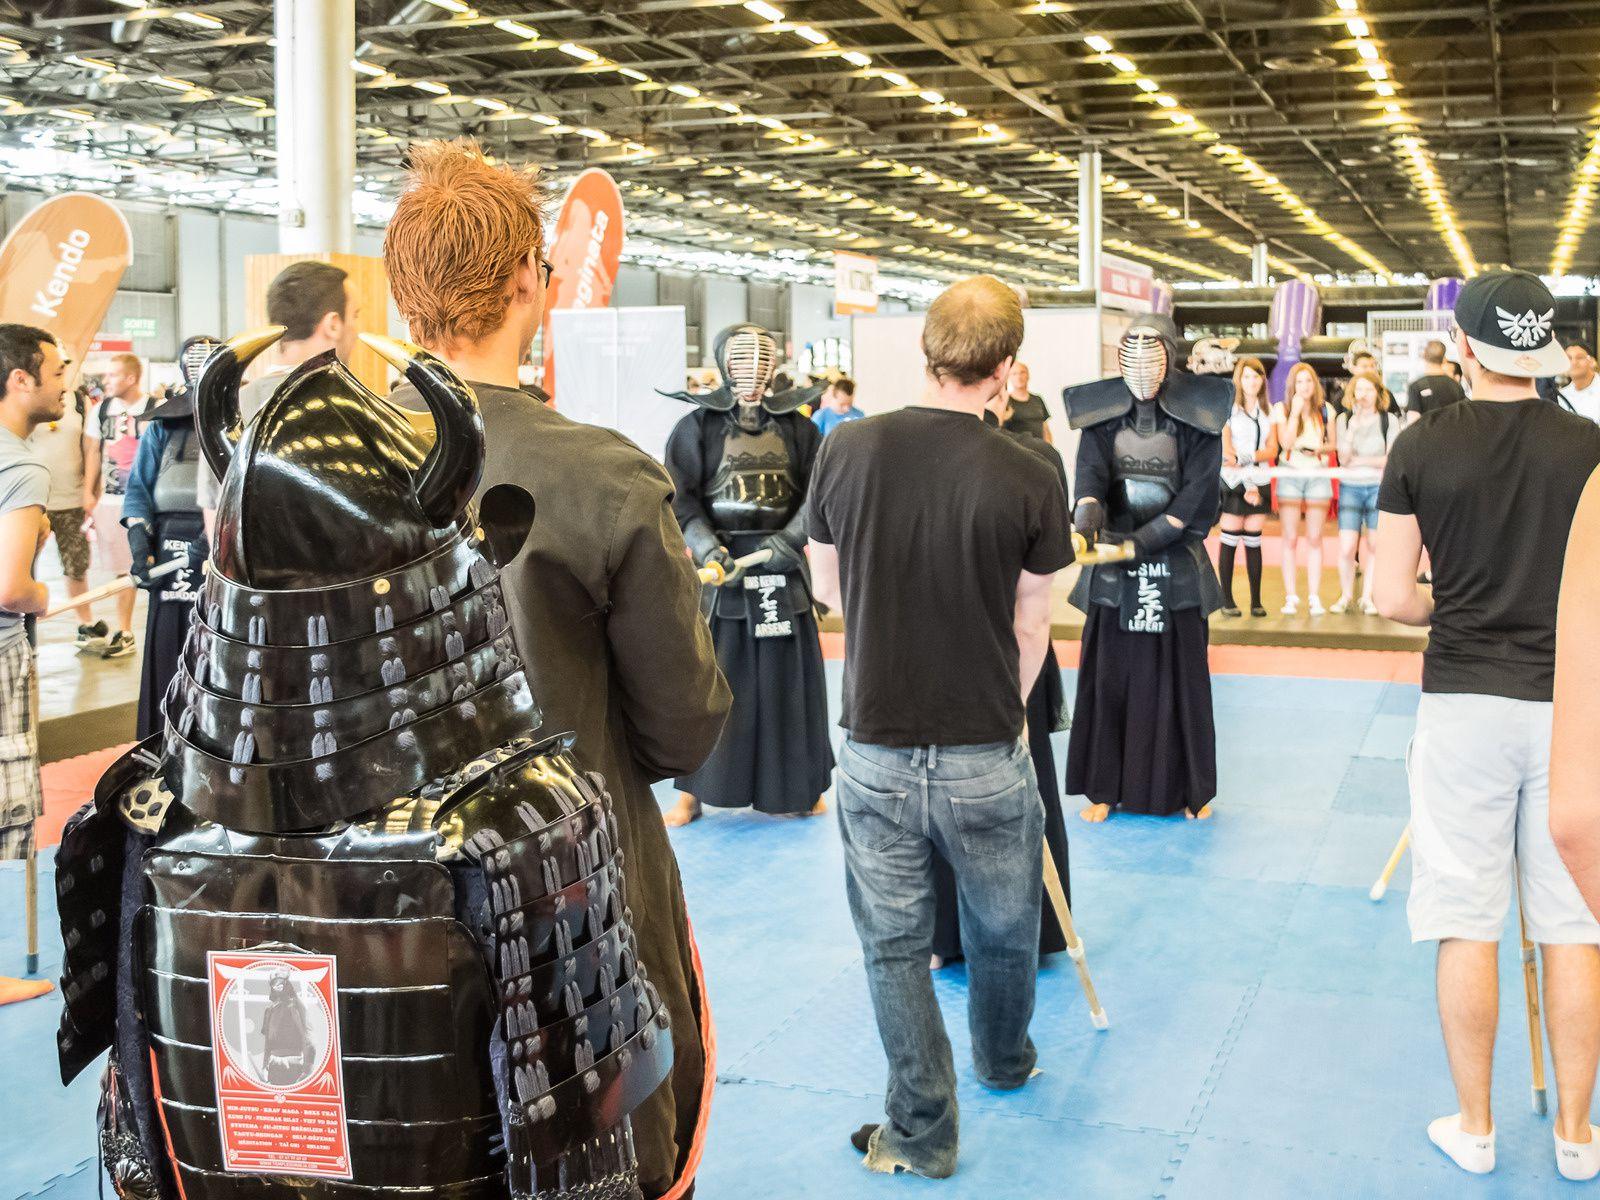 Arts martiaux, spectacles, arts culinaires...on est encore loin de brasser toute l'étendue de la culture nippone néanmoins force est de constater que les organisateurs se raclent la soupière pour proposer autres choses que les mangas & jeux vidéos (même si on va à Japan Expo pour ça en priorité)